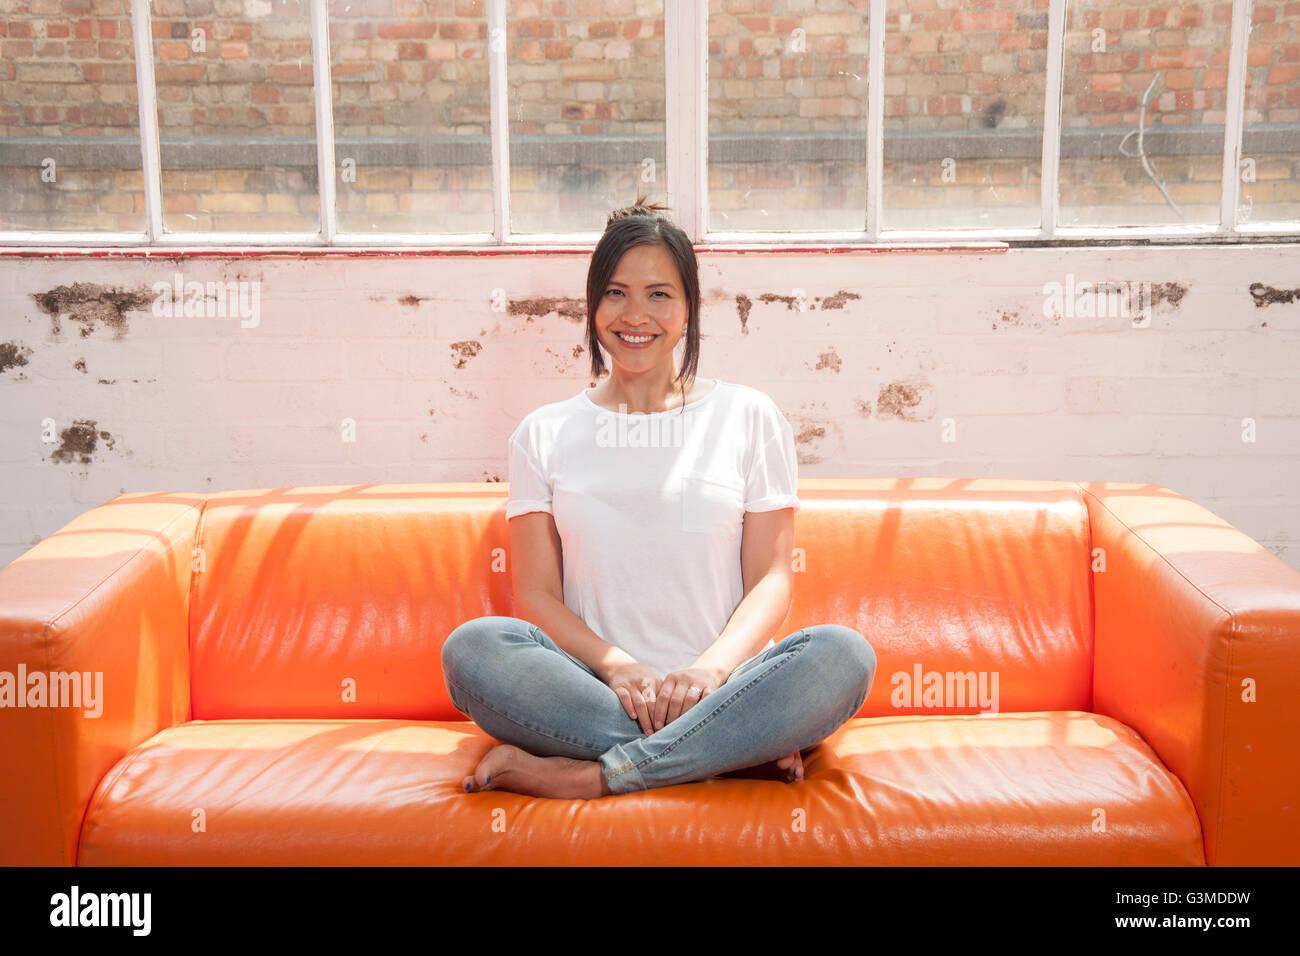 Femme assise, les jambes croisées sur un canapé relaxant et smiling Photo Stock